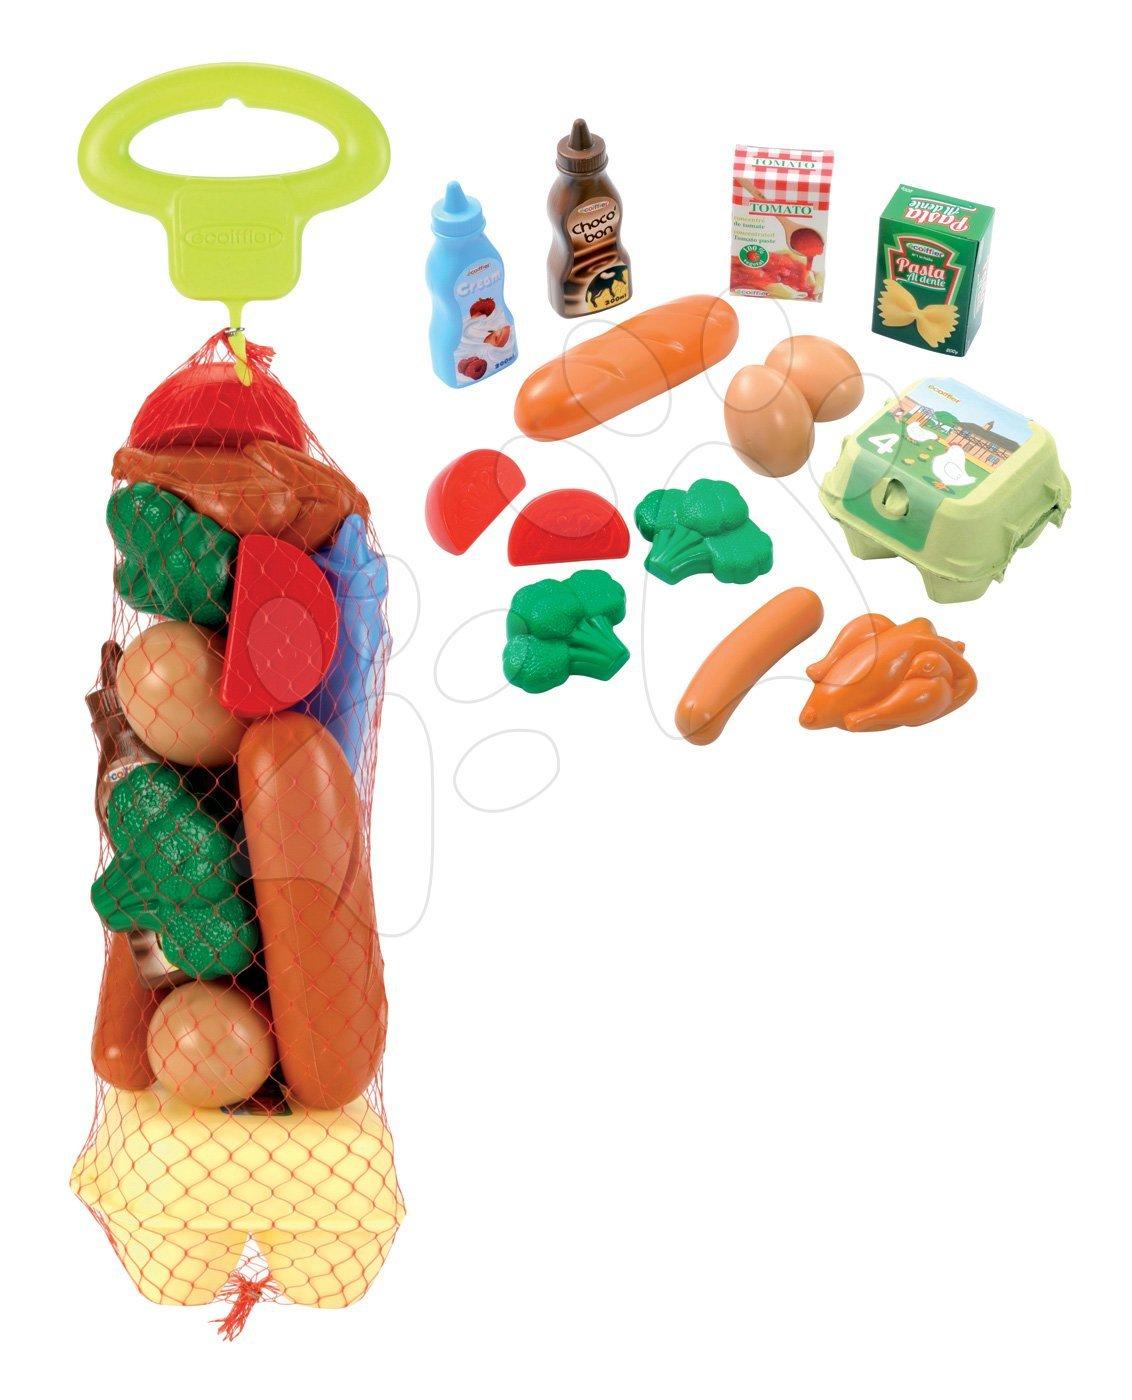 Élelmiszer szett Bubble Cook Écoiffier hálóban játékkonyhákba 18 hó-tól